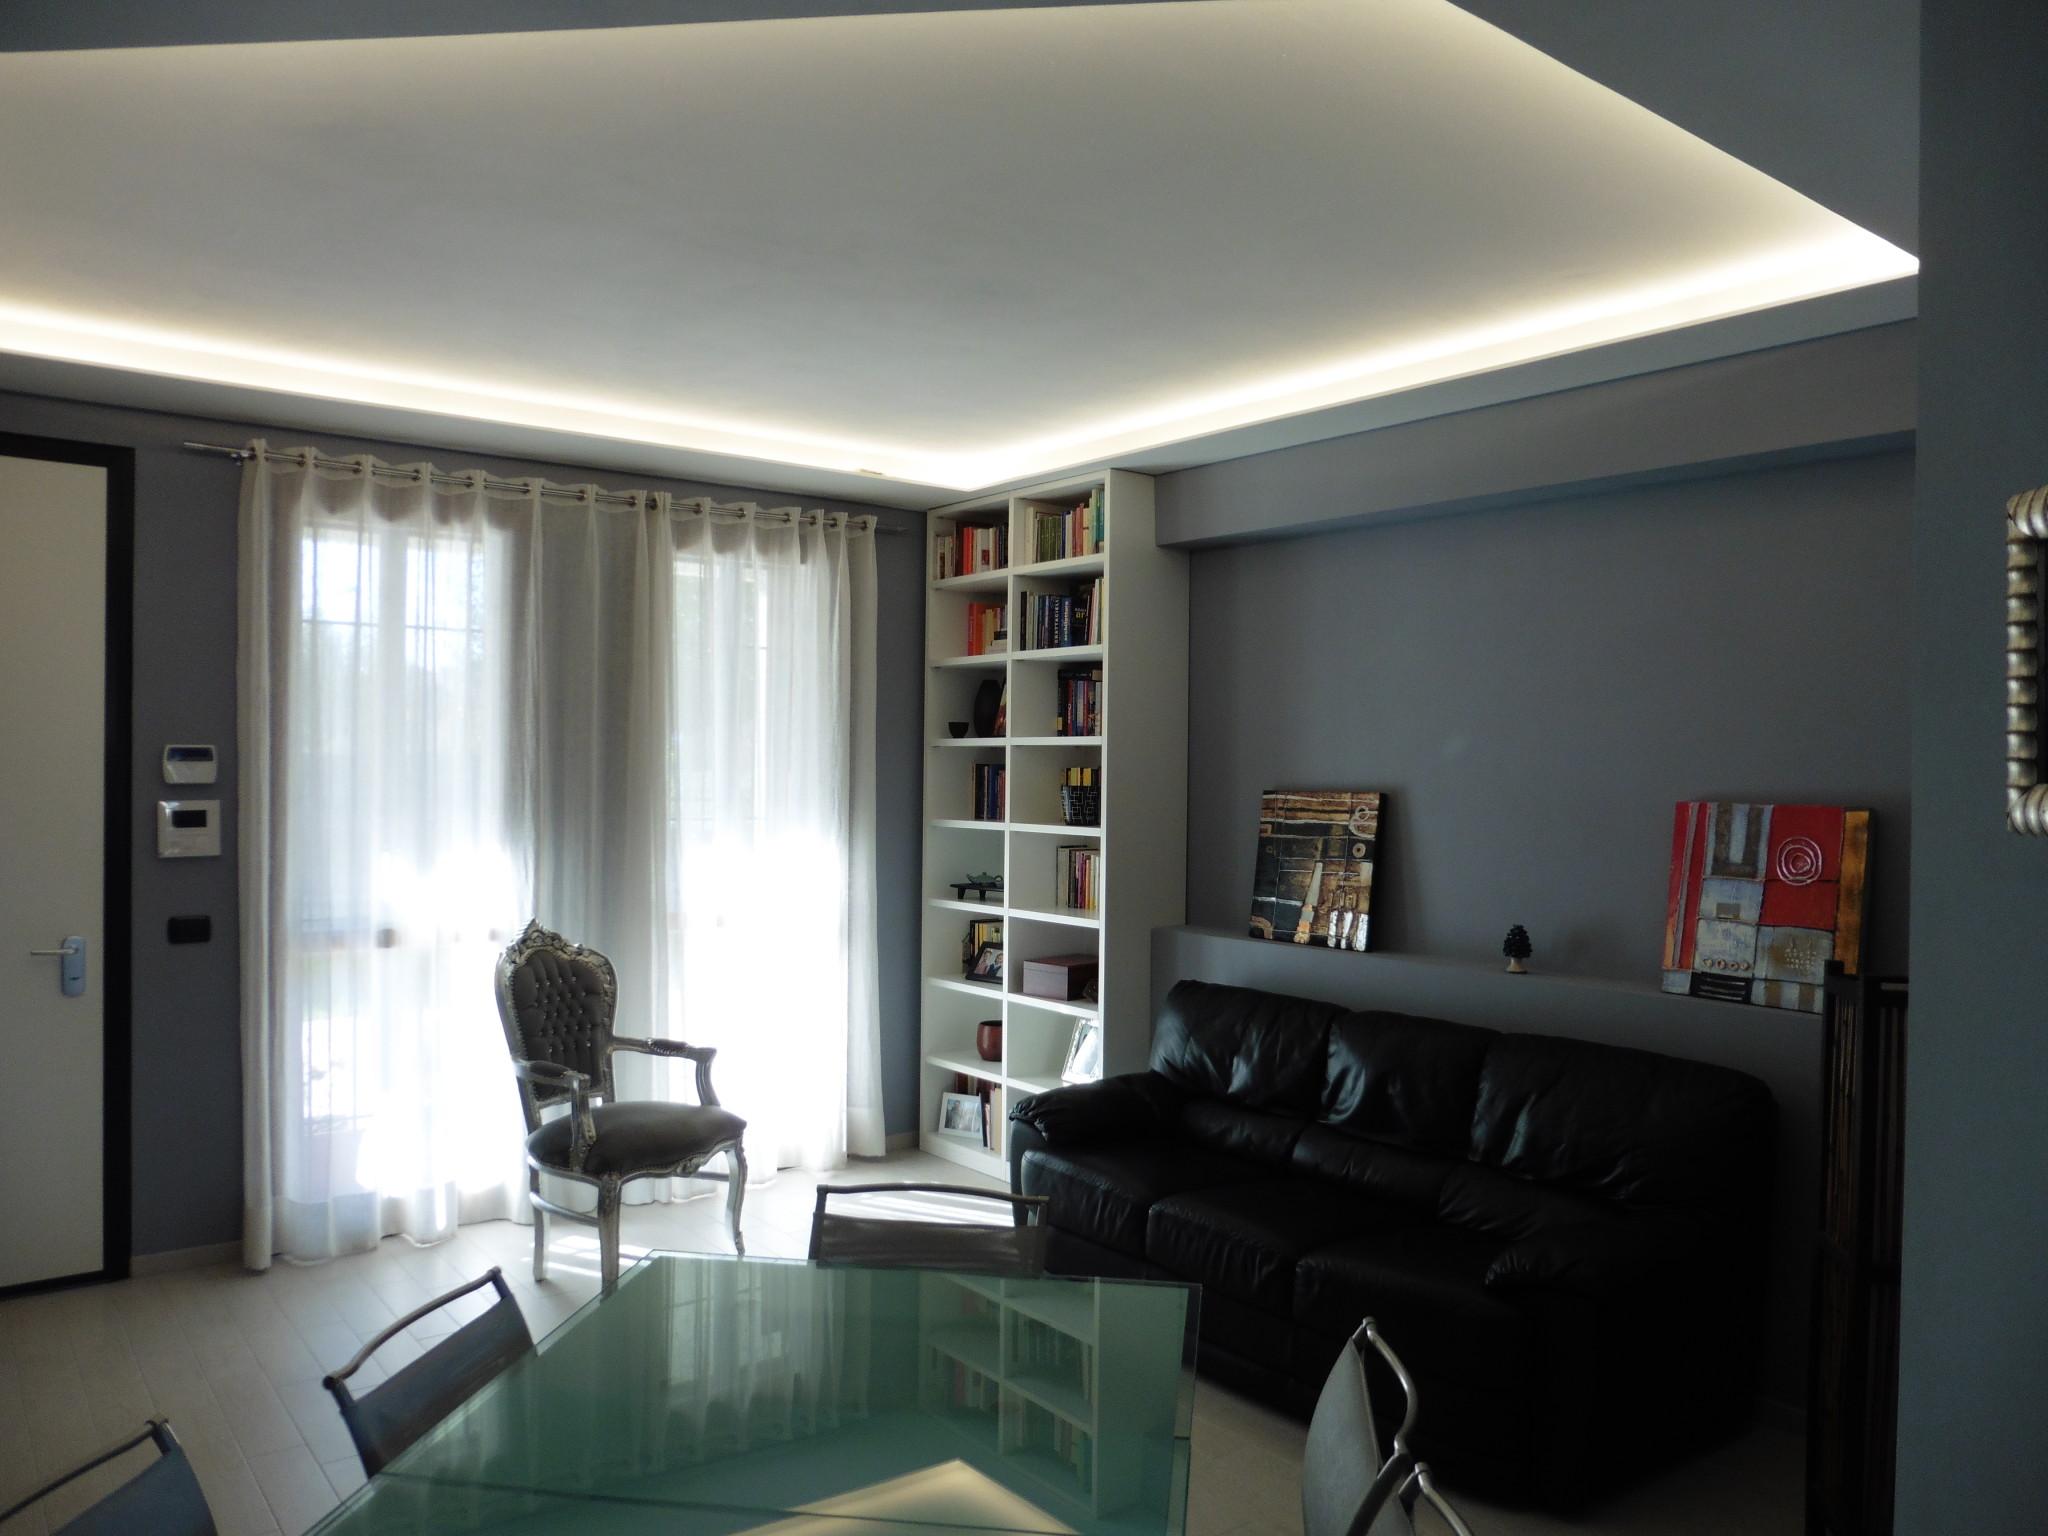 18-arredamento-soggiorno-e-cucina - Arredamenti Campana ...